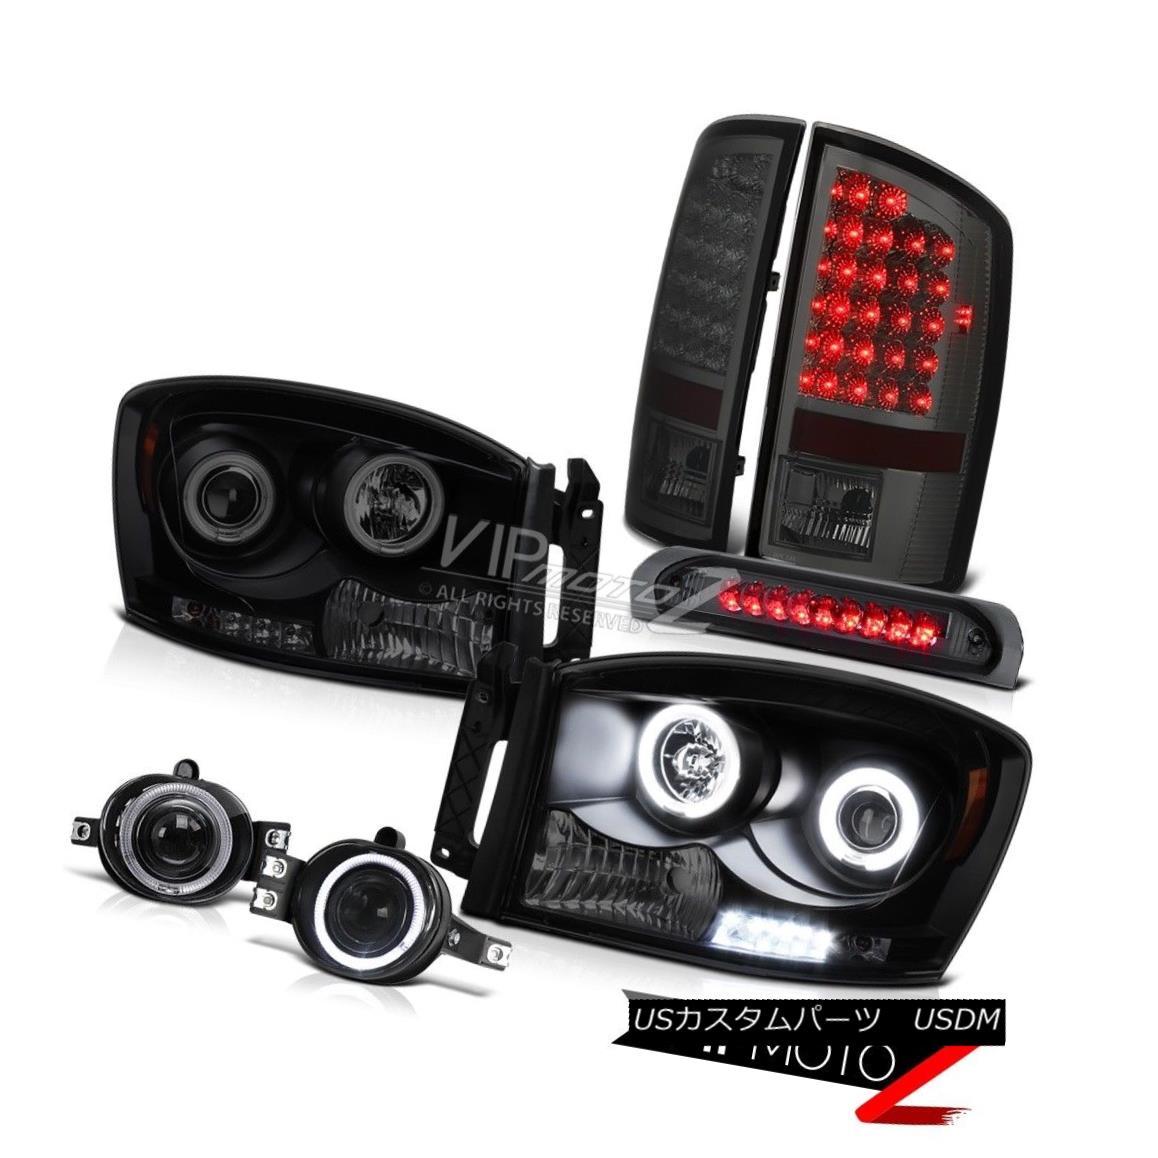 ヘッドライト 06 Dodge Ram Halo Rim CCFL Tech. Headlight Projector Foglamp LED 3RD Brake Lamps 06ドッジラムハローリムCCFL Tech。 ヘッドライトプロジェクターフォグランプLED 3RDブレーキランプ